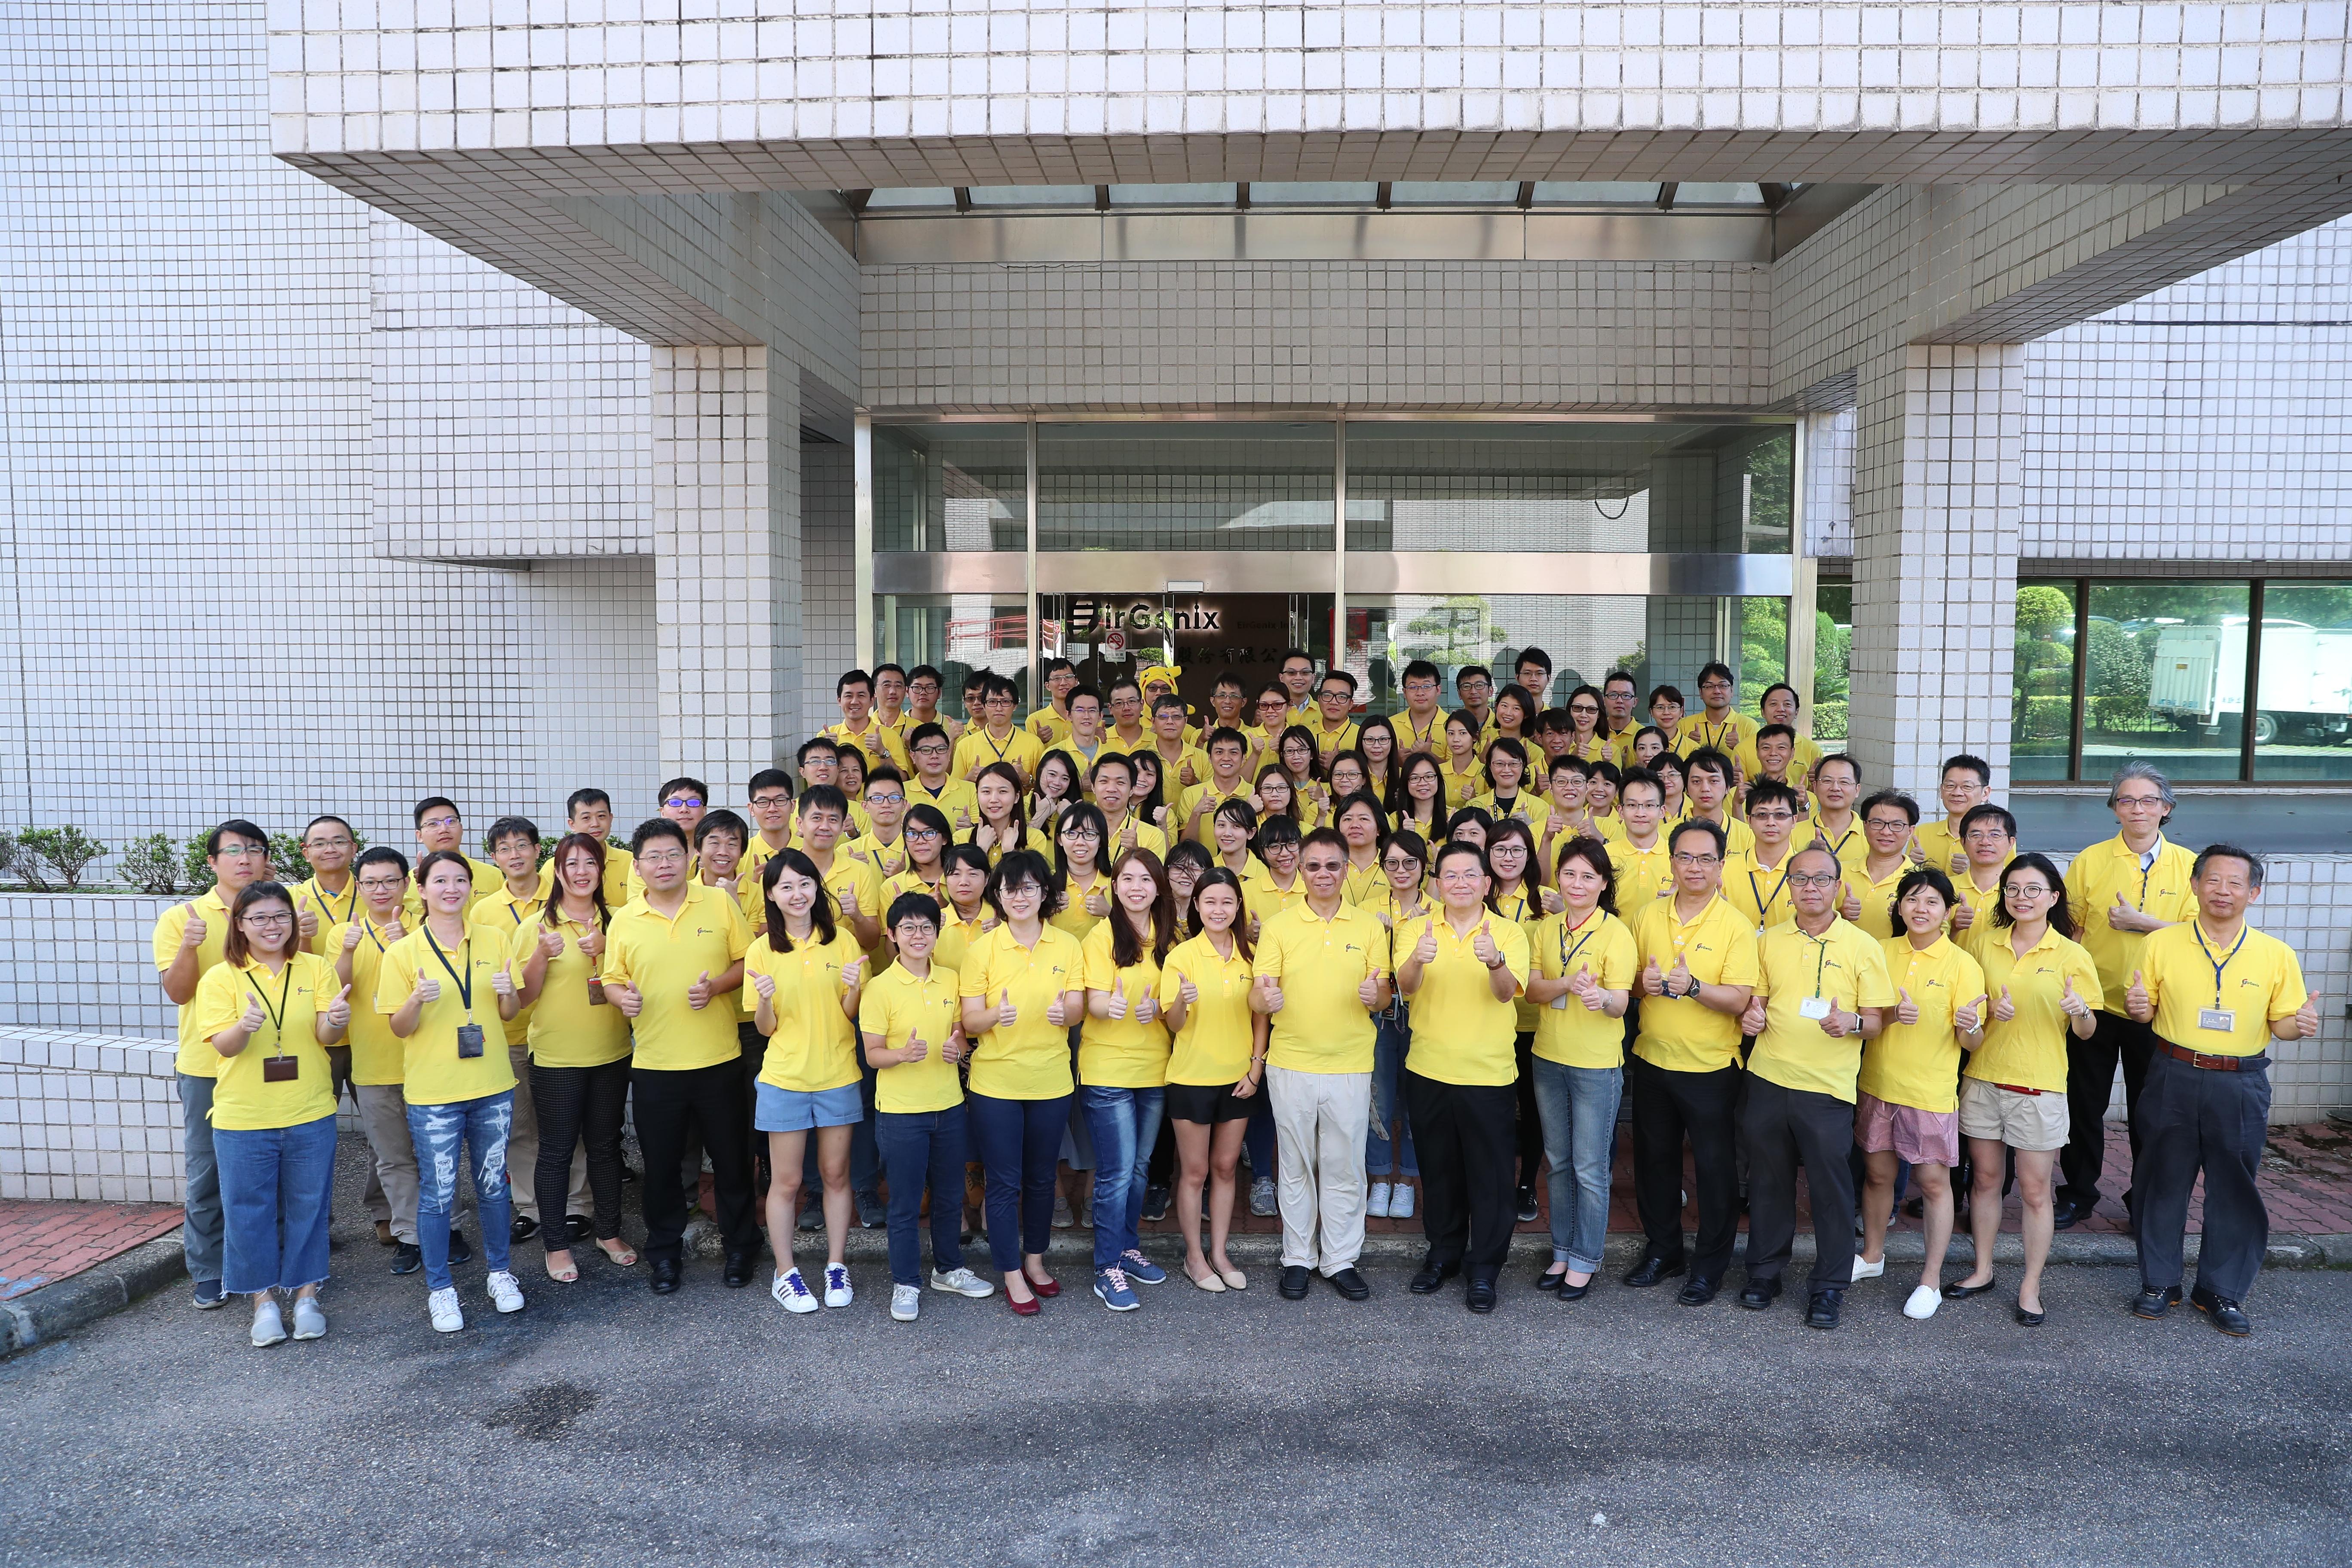 團體照 – 2018年汐止廠拍攝